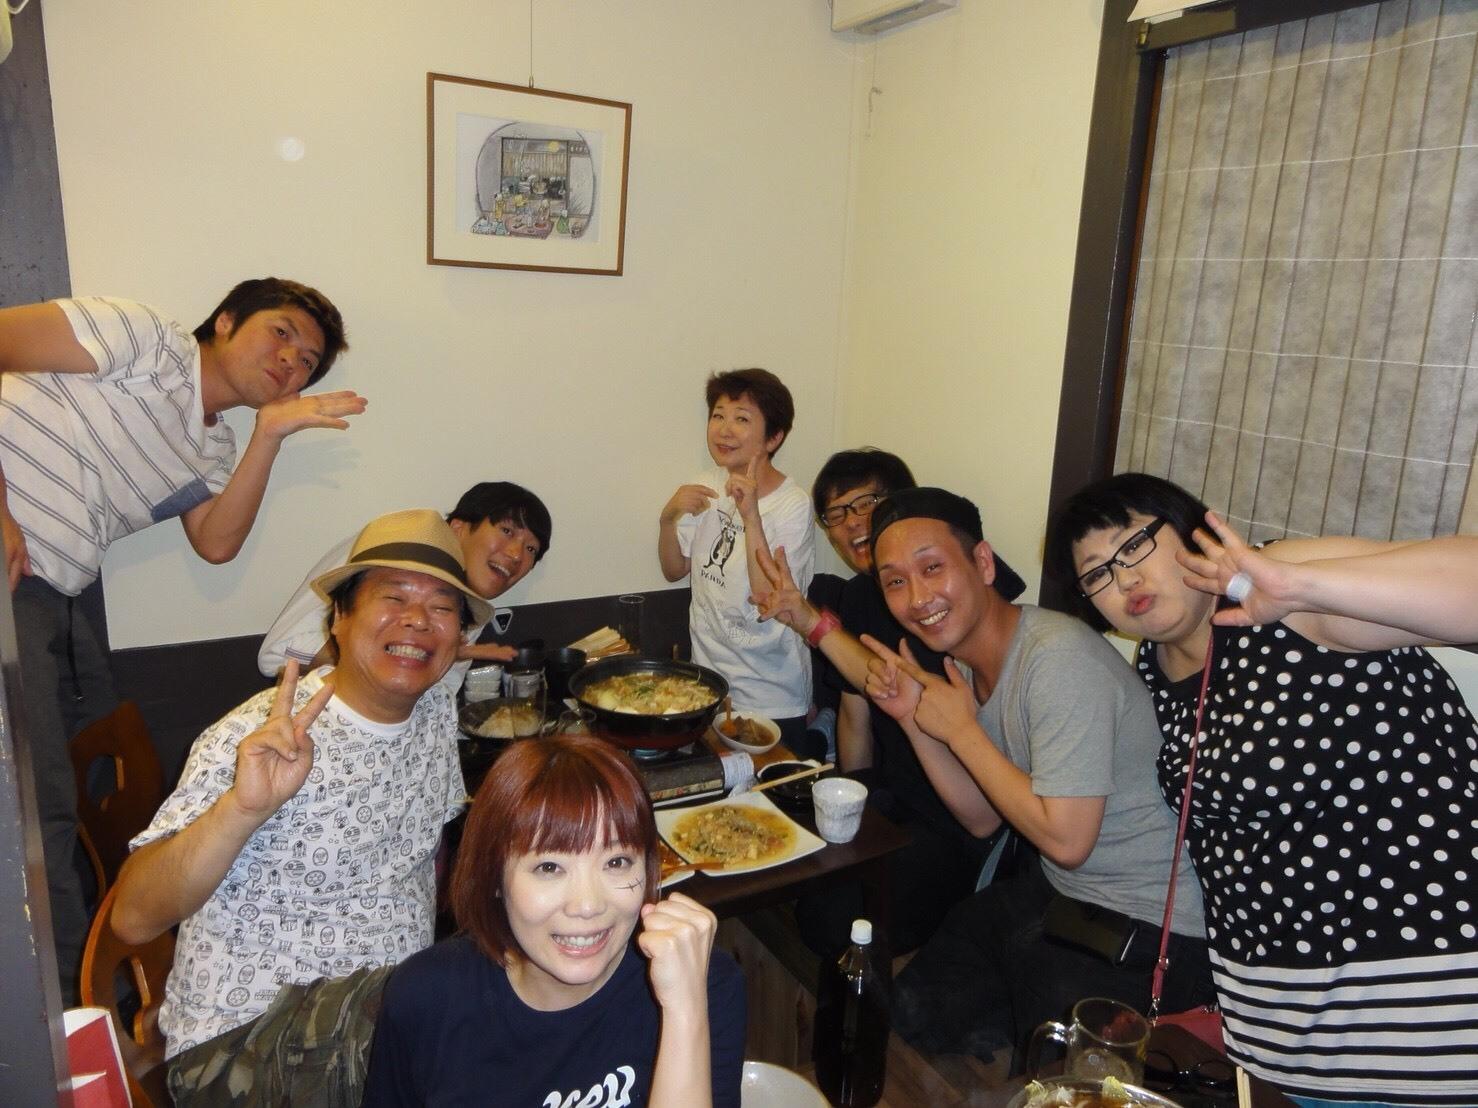 田中真弓と愉快な仲間たちです‼️_a0163623_10470429.jpg